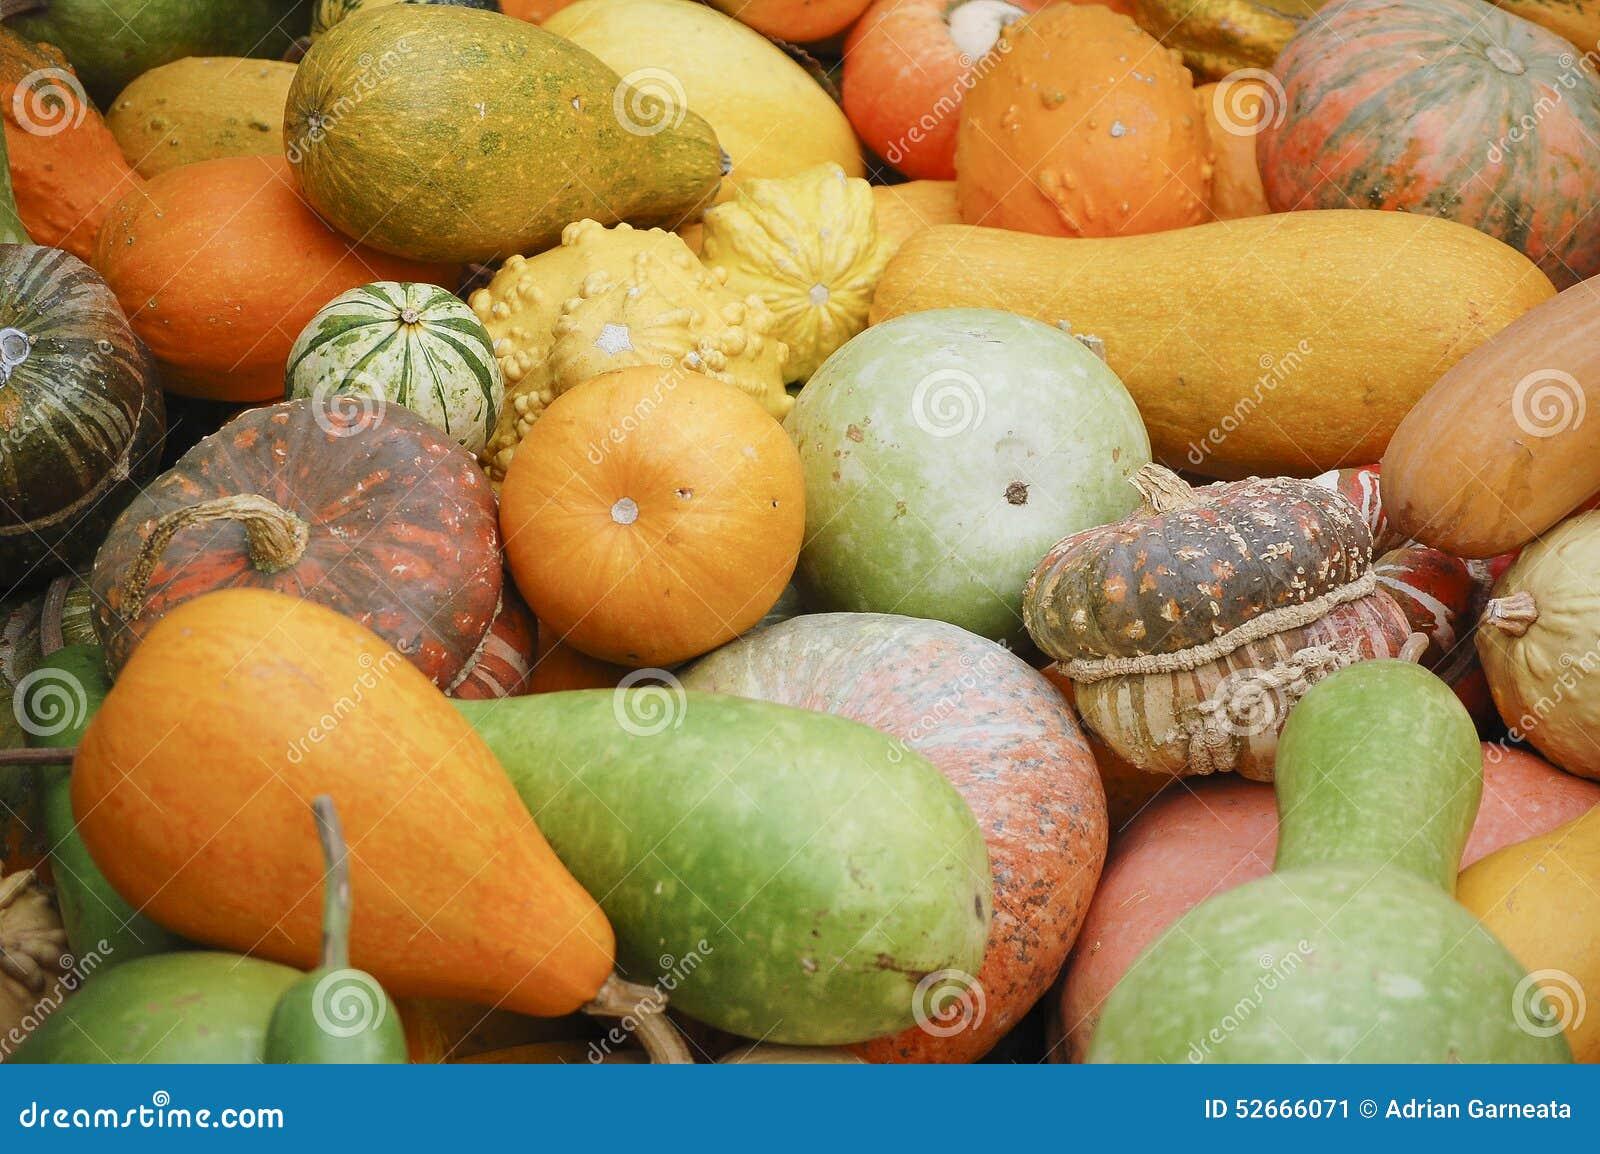 Different species of pumpkins